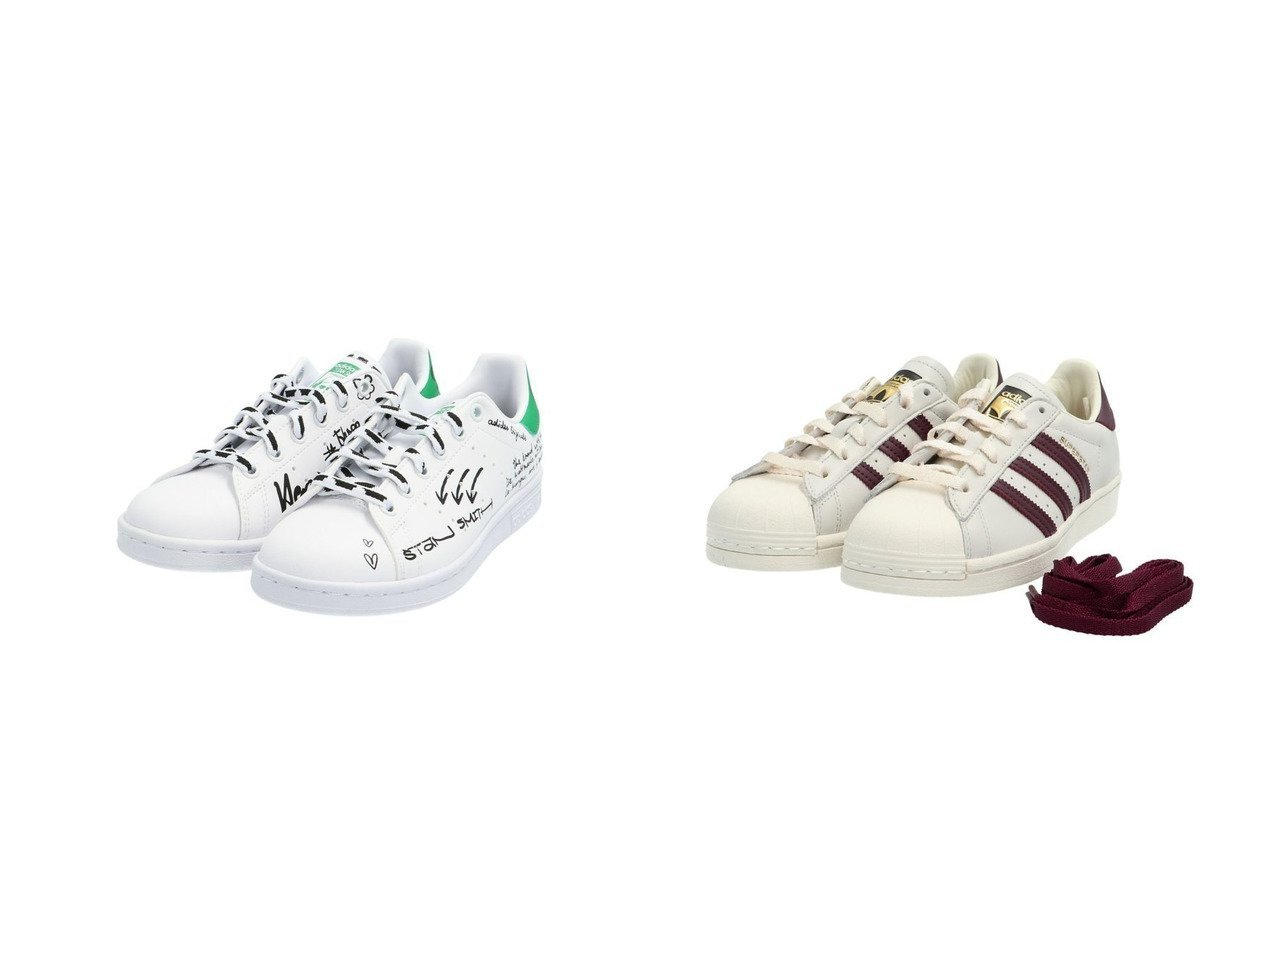 【adidas Originals/アディダス オリジナルス】のSUPERSTAR&スタンスミス STAN SMITH アディダスオリジナルス GV9800 【シューズ・靴】おすすめ!人気、トレンド・レディースファッションの通販  おすすめで人気の流行・トレンド、ファッションの通販商品 メンズファッション・キッズファッション・インテリア・家具・レディースファッション・服の通販 founy(ファニー) https://founy.com/ ファッション Fashion レディースファッション WOMEN グラフィック シューズ スニーカー スリッポン ベーシック 定番 Standard クラシック ストライプ パフォーマンス |ID:crp329100000027362